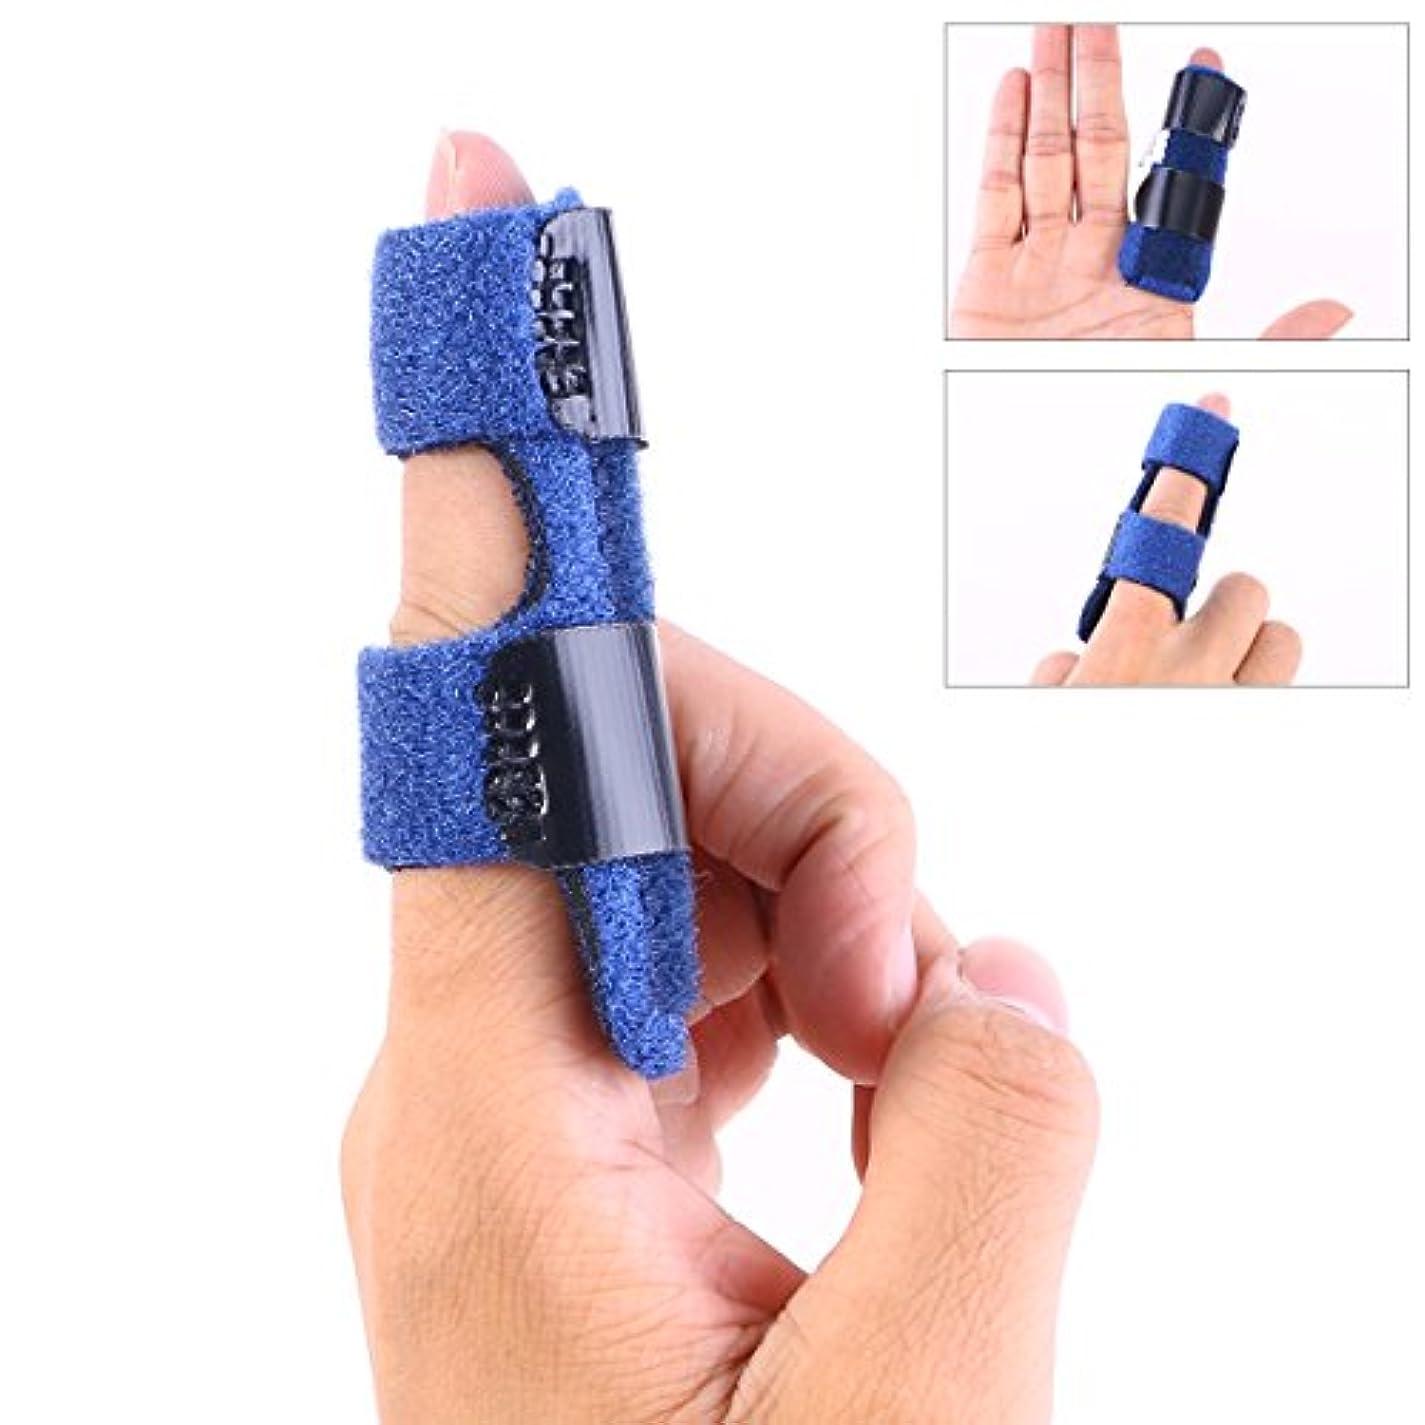 モッキンバード等しいサンプルHealiftyフィンガースプリントマレットフィンガーサポートブレースフラクチャージョイントスプリントプロテクター用トリガージョイント保護指